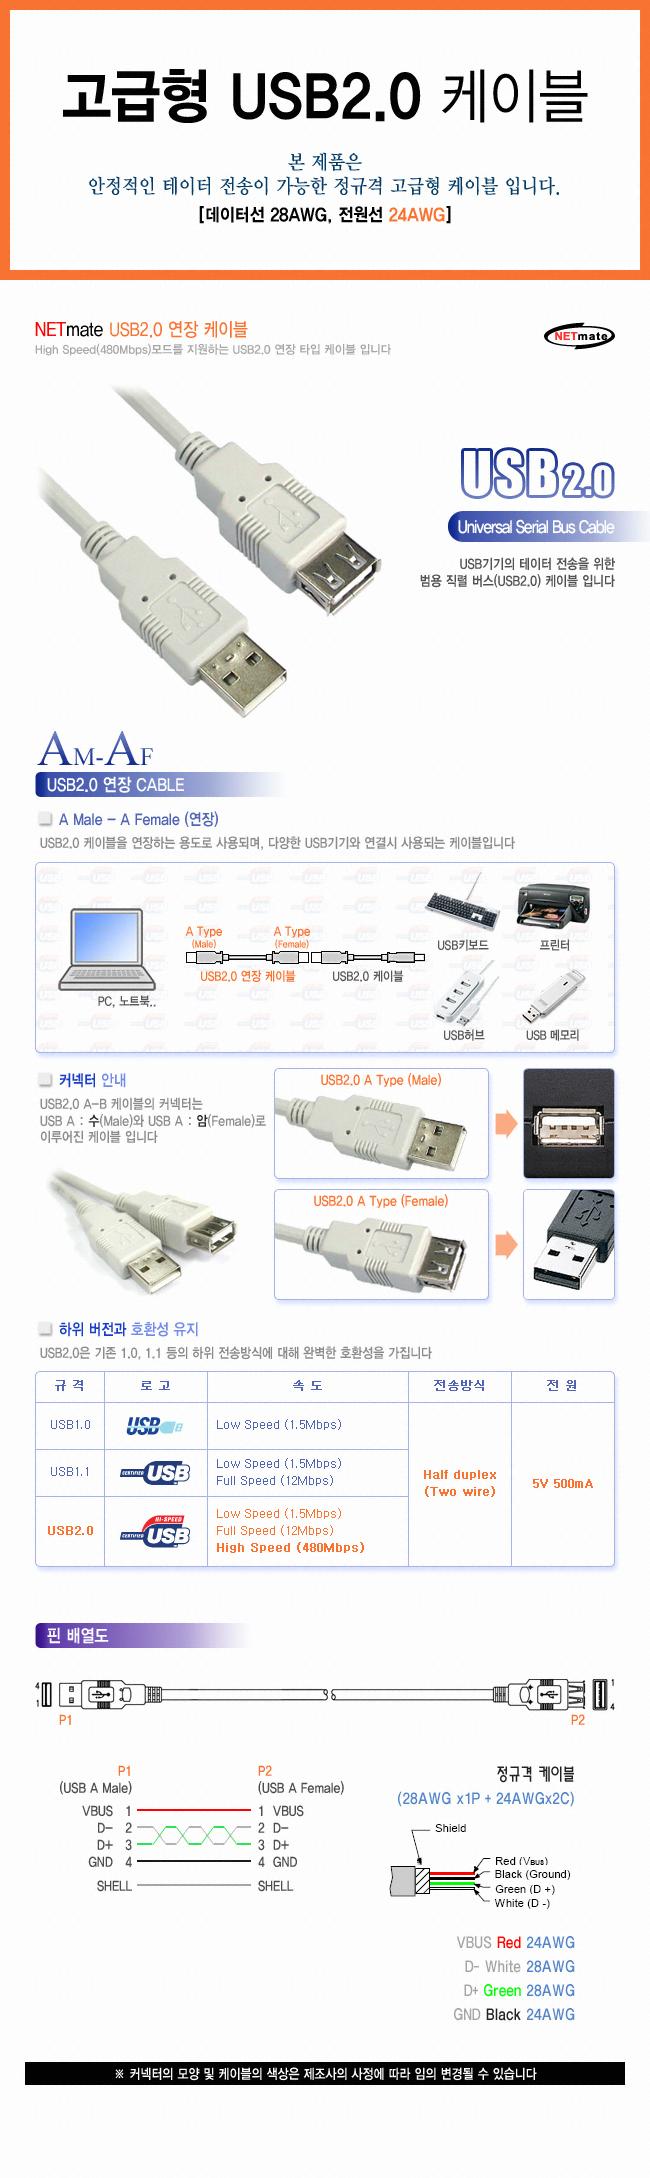 USB20_AF_10M_DB.jpg